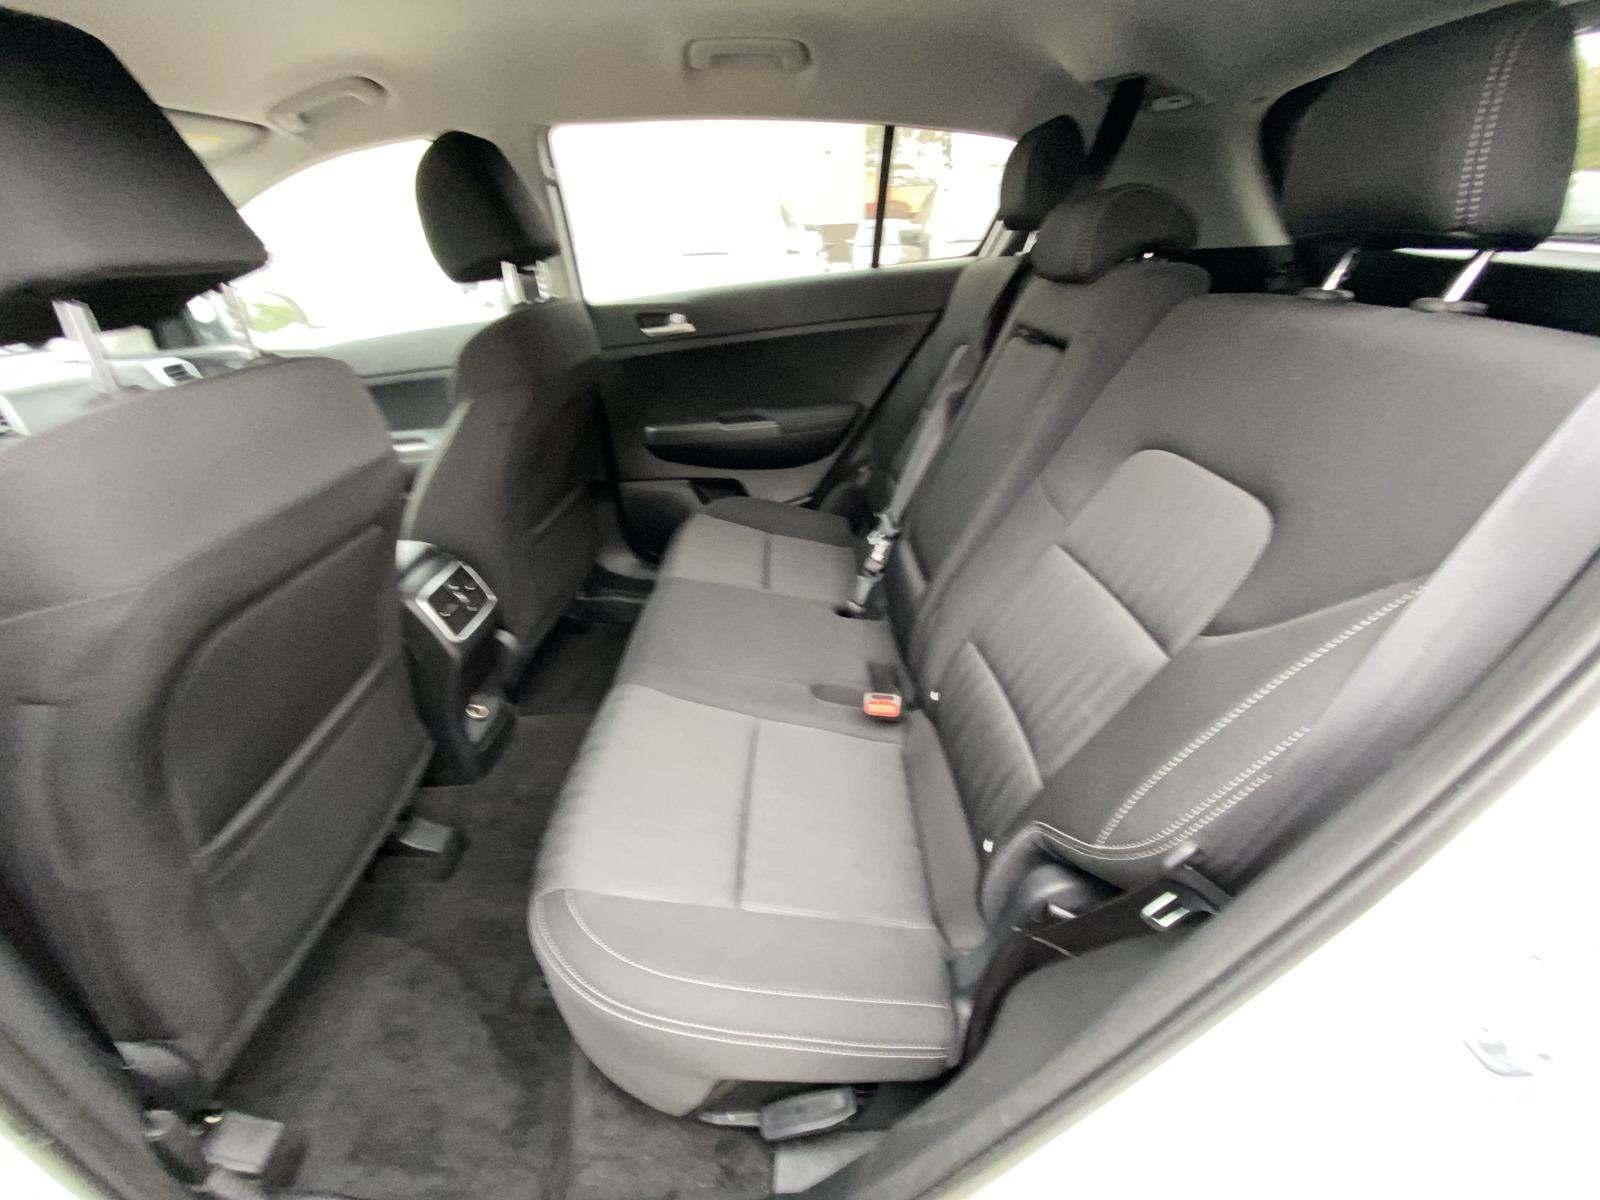 2020 KIA SPORTAGE 4D SUV 2.4L LX* - 9